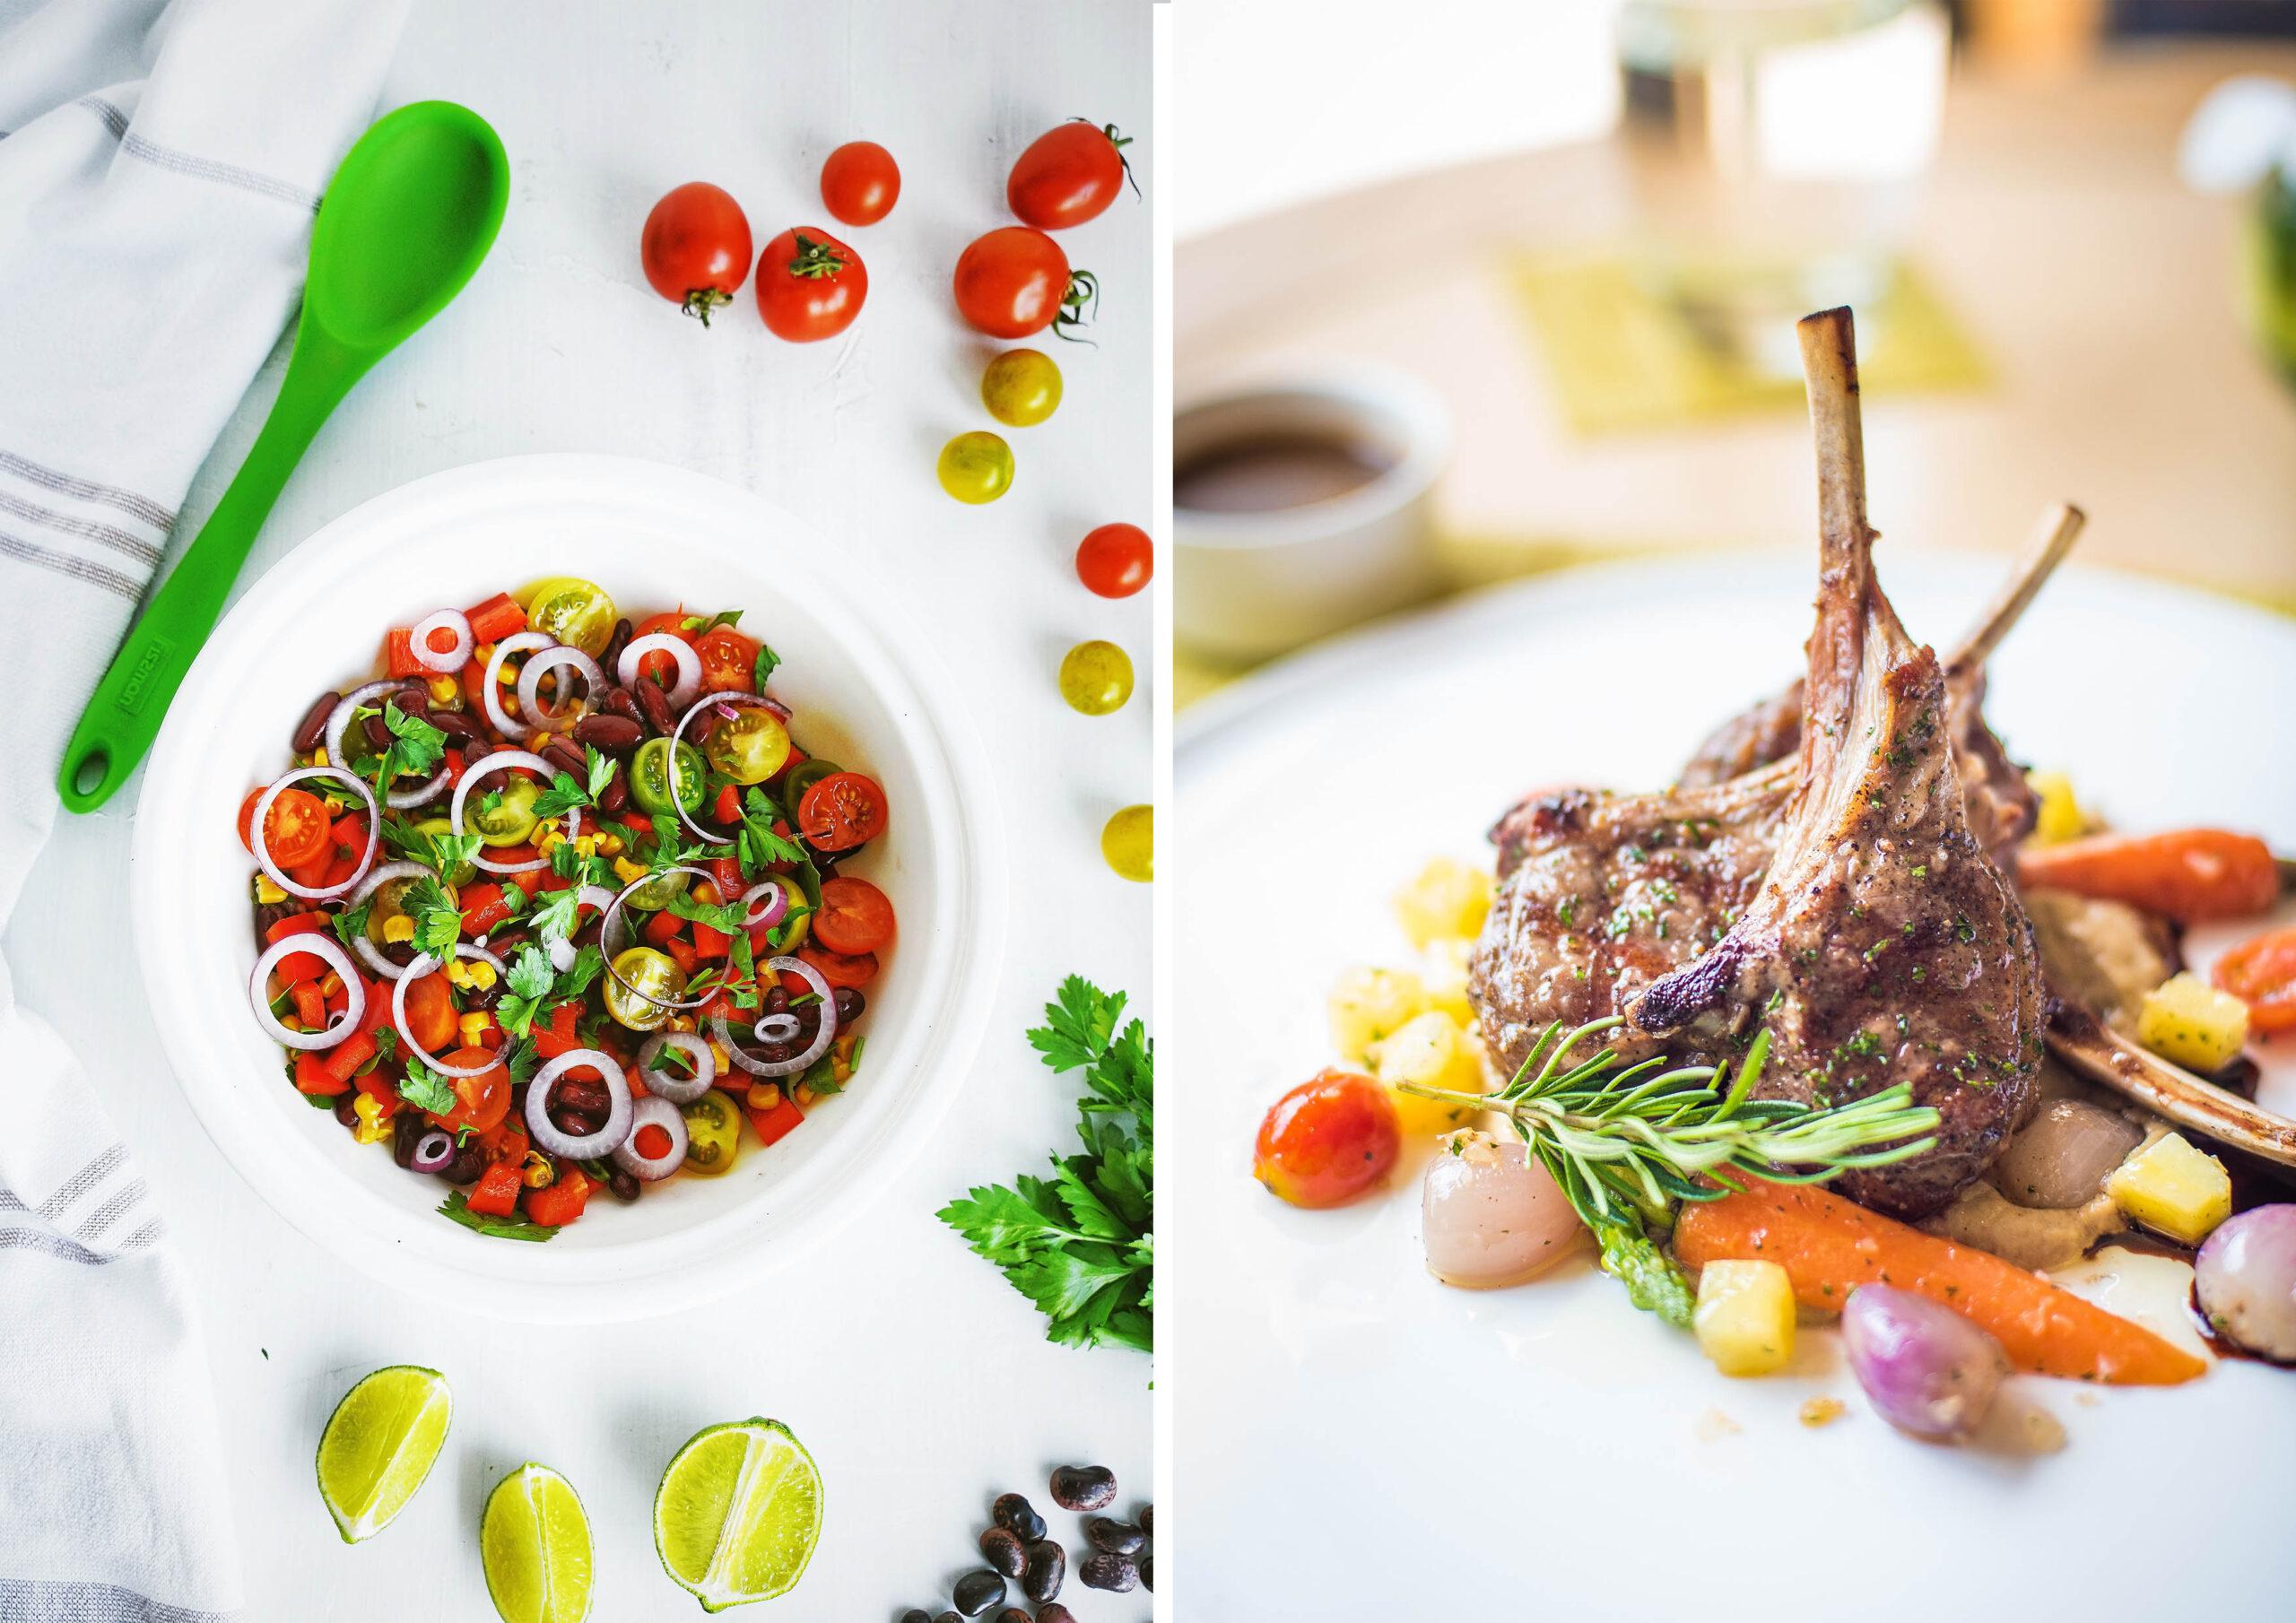 סטיק או סלט לארוחת ערב, מה תבחרו?